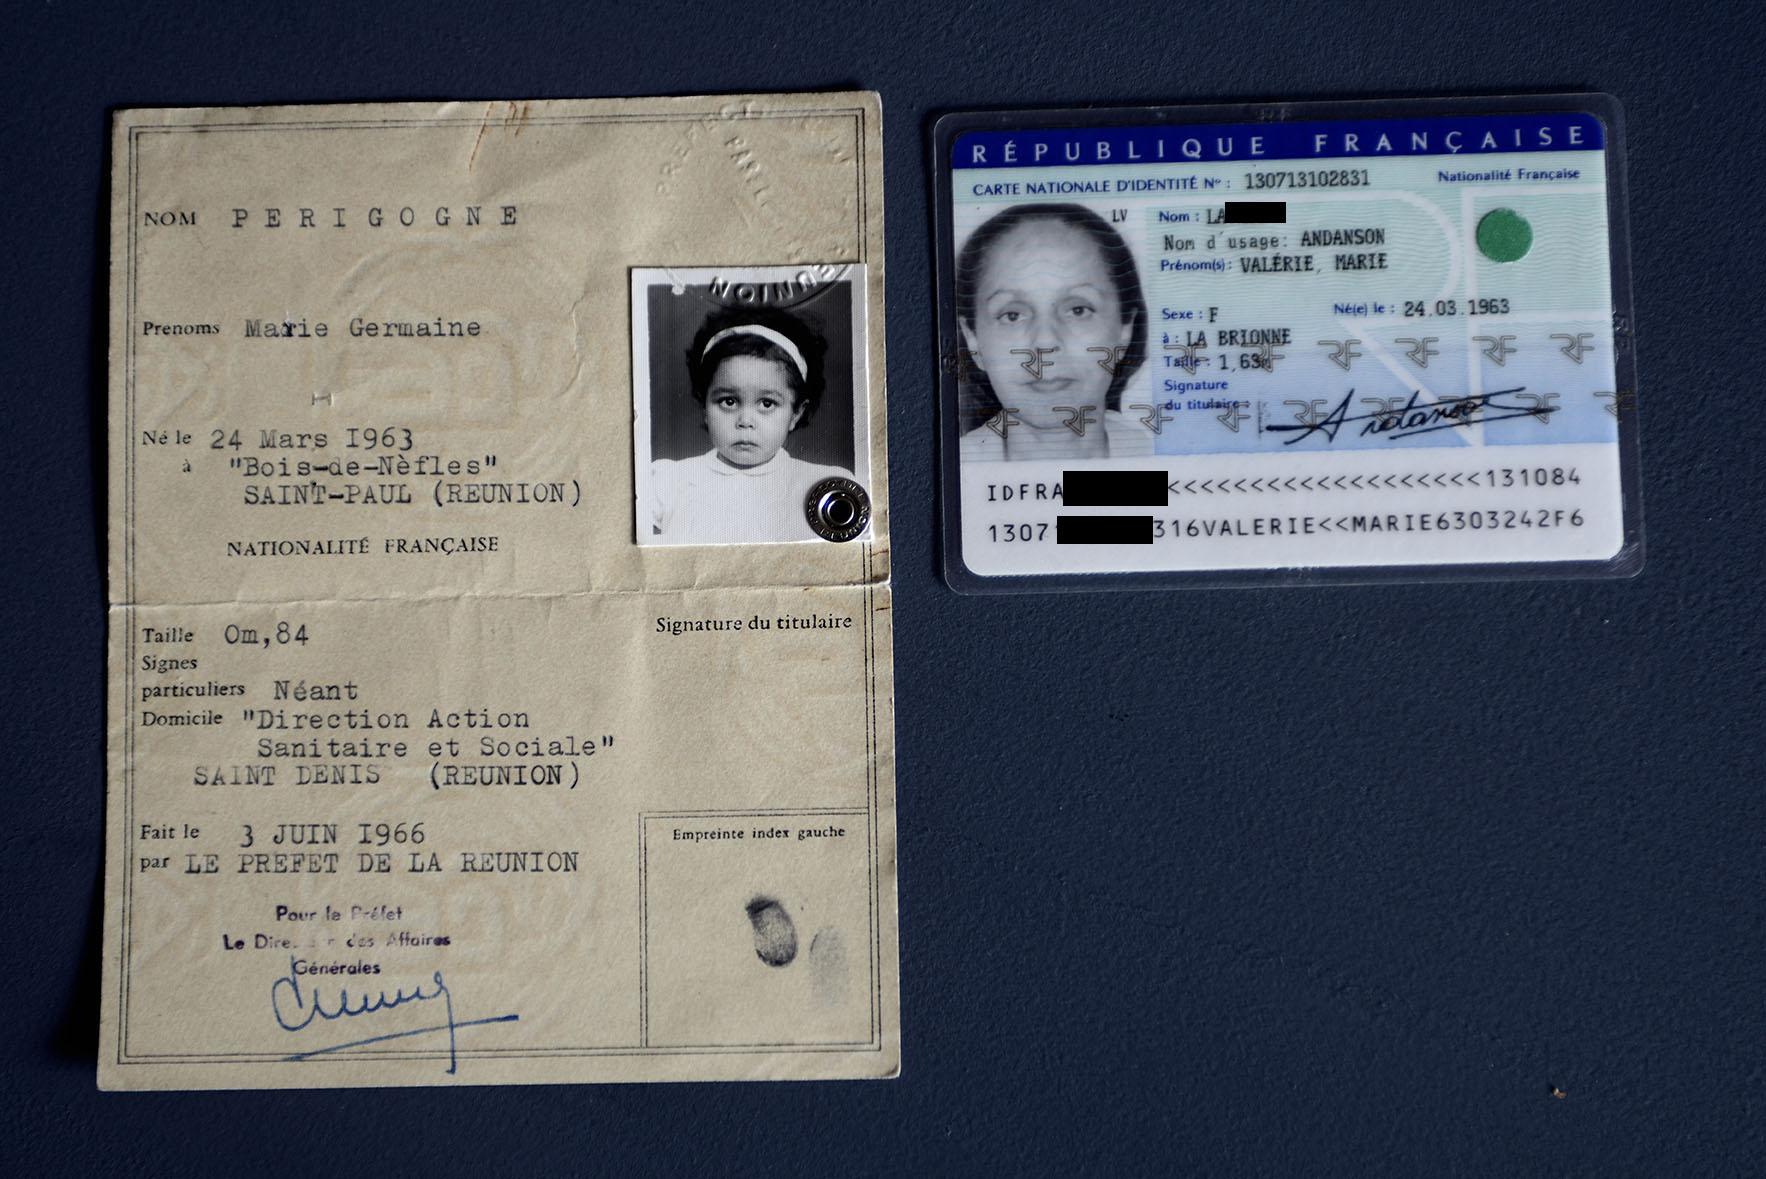 Valérie est la porte-parole de la FEDD, Ici, la preuve de la falsification de son état civile. Aujourd'hui elle cherche à retrouver son identité. Cette carte d'identité d'elle enfant se trouvait dans le dossier qui lui a été remis par une assistante sociale de l'île de la Réunion lorsqu'elle repart à l'âge de 40 ans pour faire des recherches sur ses origines. Elle contacte le ministère de la justice qui lui répond que selon la loi française, on peut changer de nom et de prénom, mais qu'il est interdit de changer de lieu de naissance. Il y a donc bien dans son cas une falsification de l'État-civil. Elle vit de nouveau en France.  -Valérie, spokeswoman for the FEDD, has proof that her personal records have been forged. This child's ID was in the records that was provided to her by a Reunion island social worker, when she went back there aged 40 to find out about her past. She contacted the Ministry of Justice where it was confirmed to her that French laws allow a name change, but prohibit modifying the place of birth: that's proof of personal records forgery. She now lives in France.